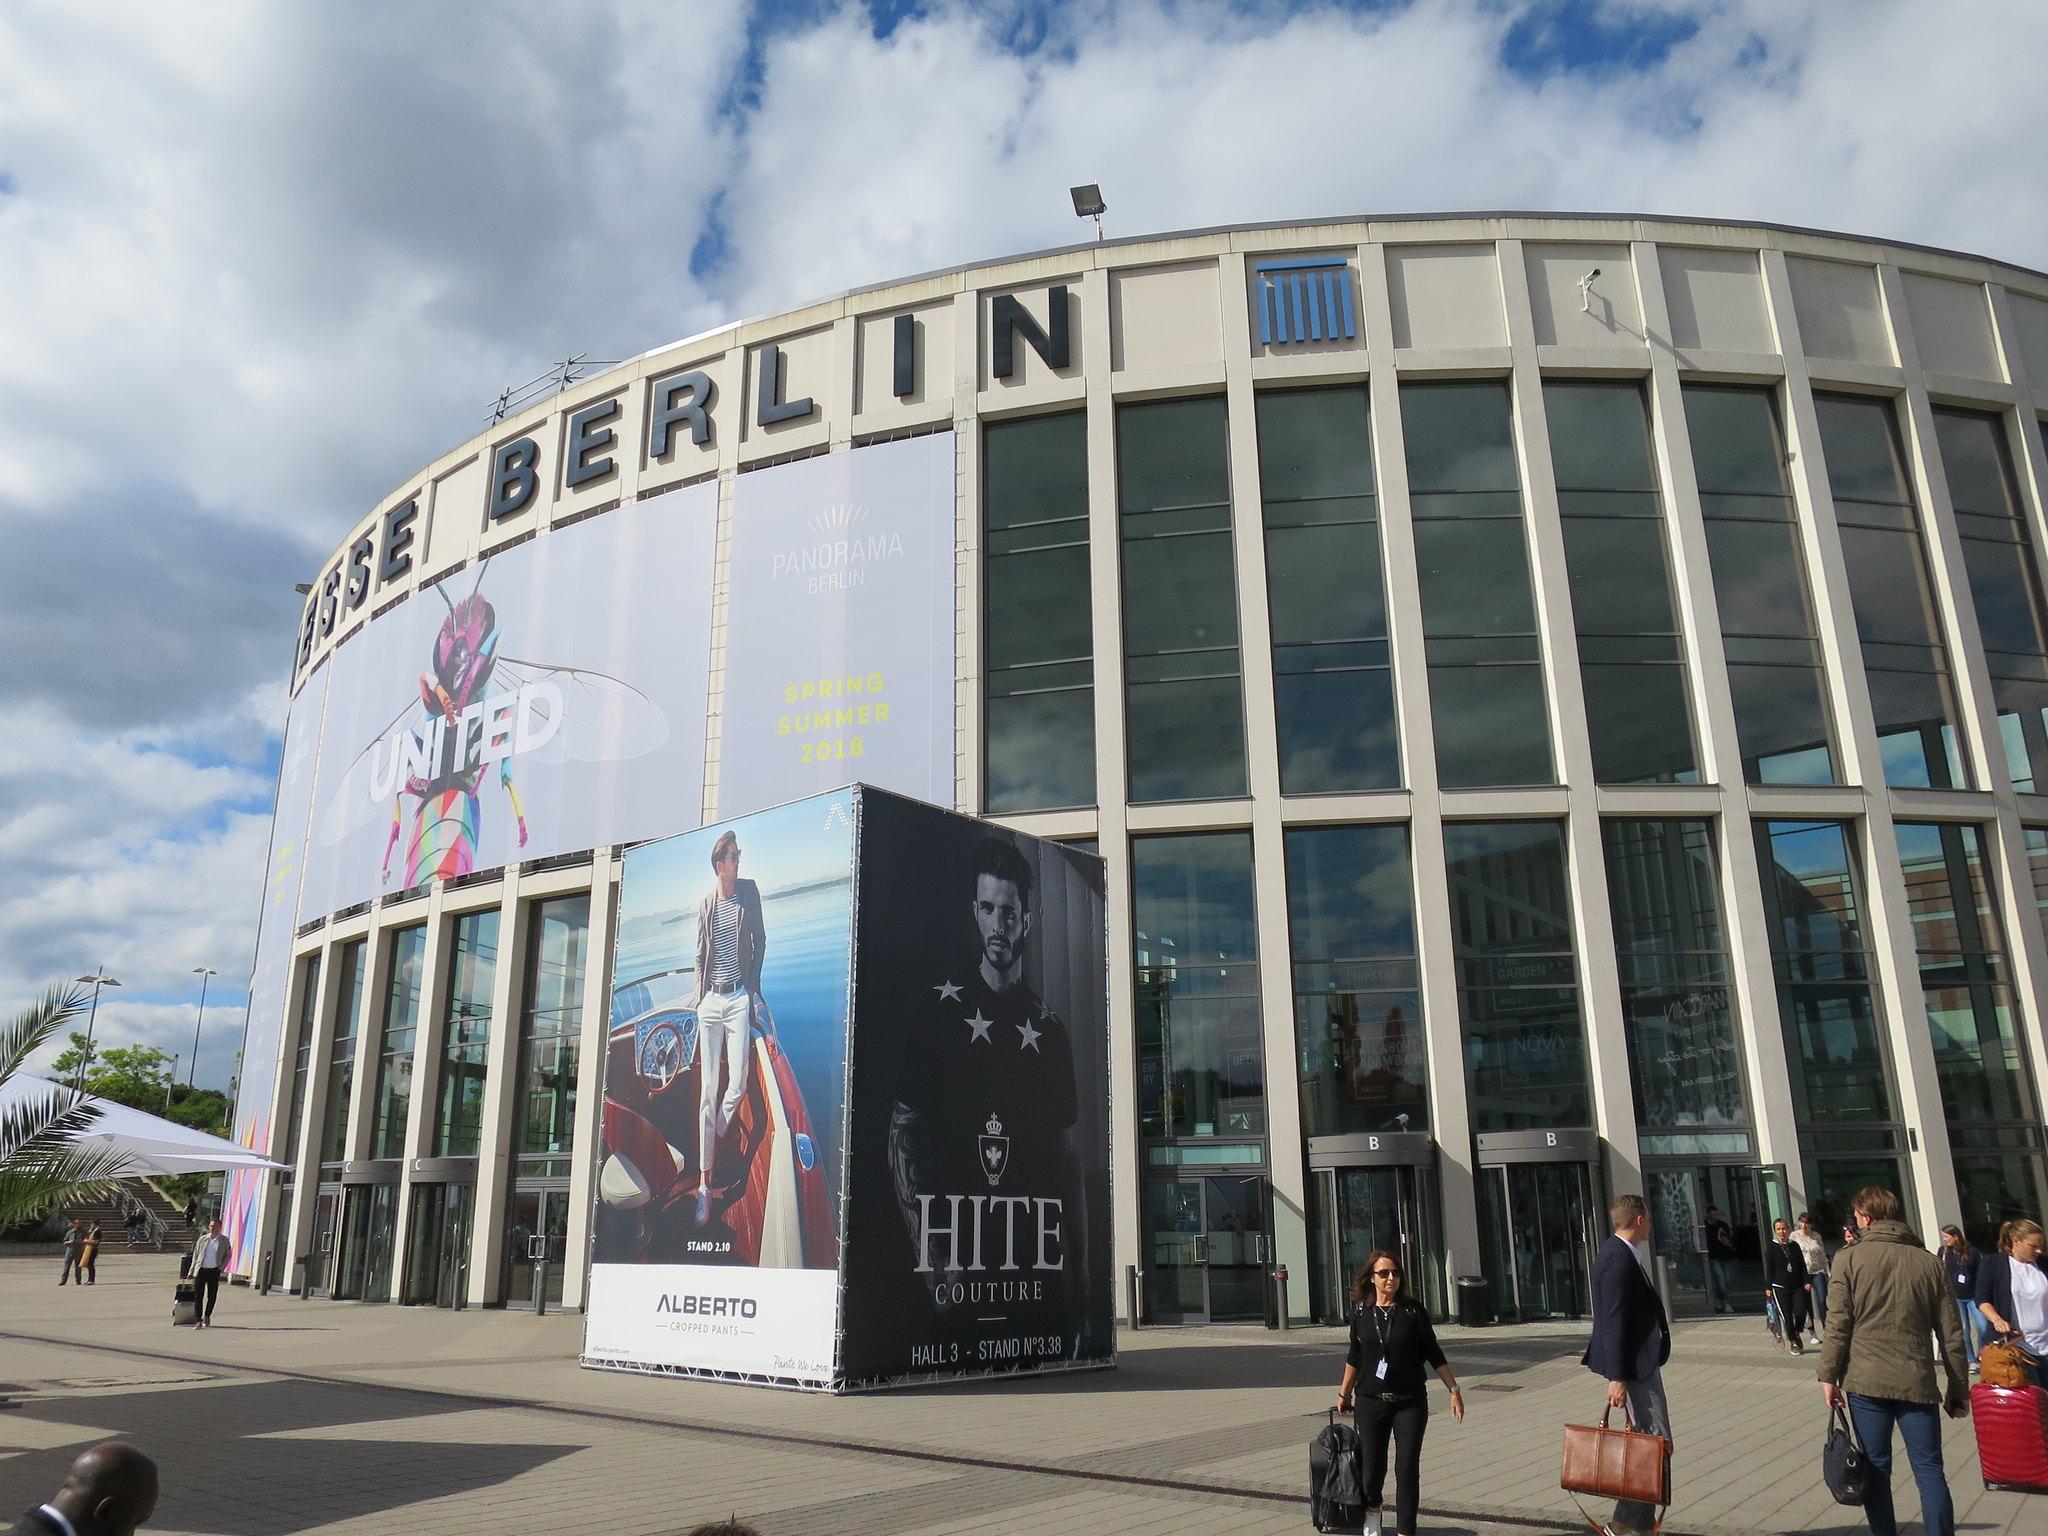 Hello Im Clo, Berlin, Travle Blogger Day 2, 7